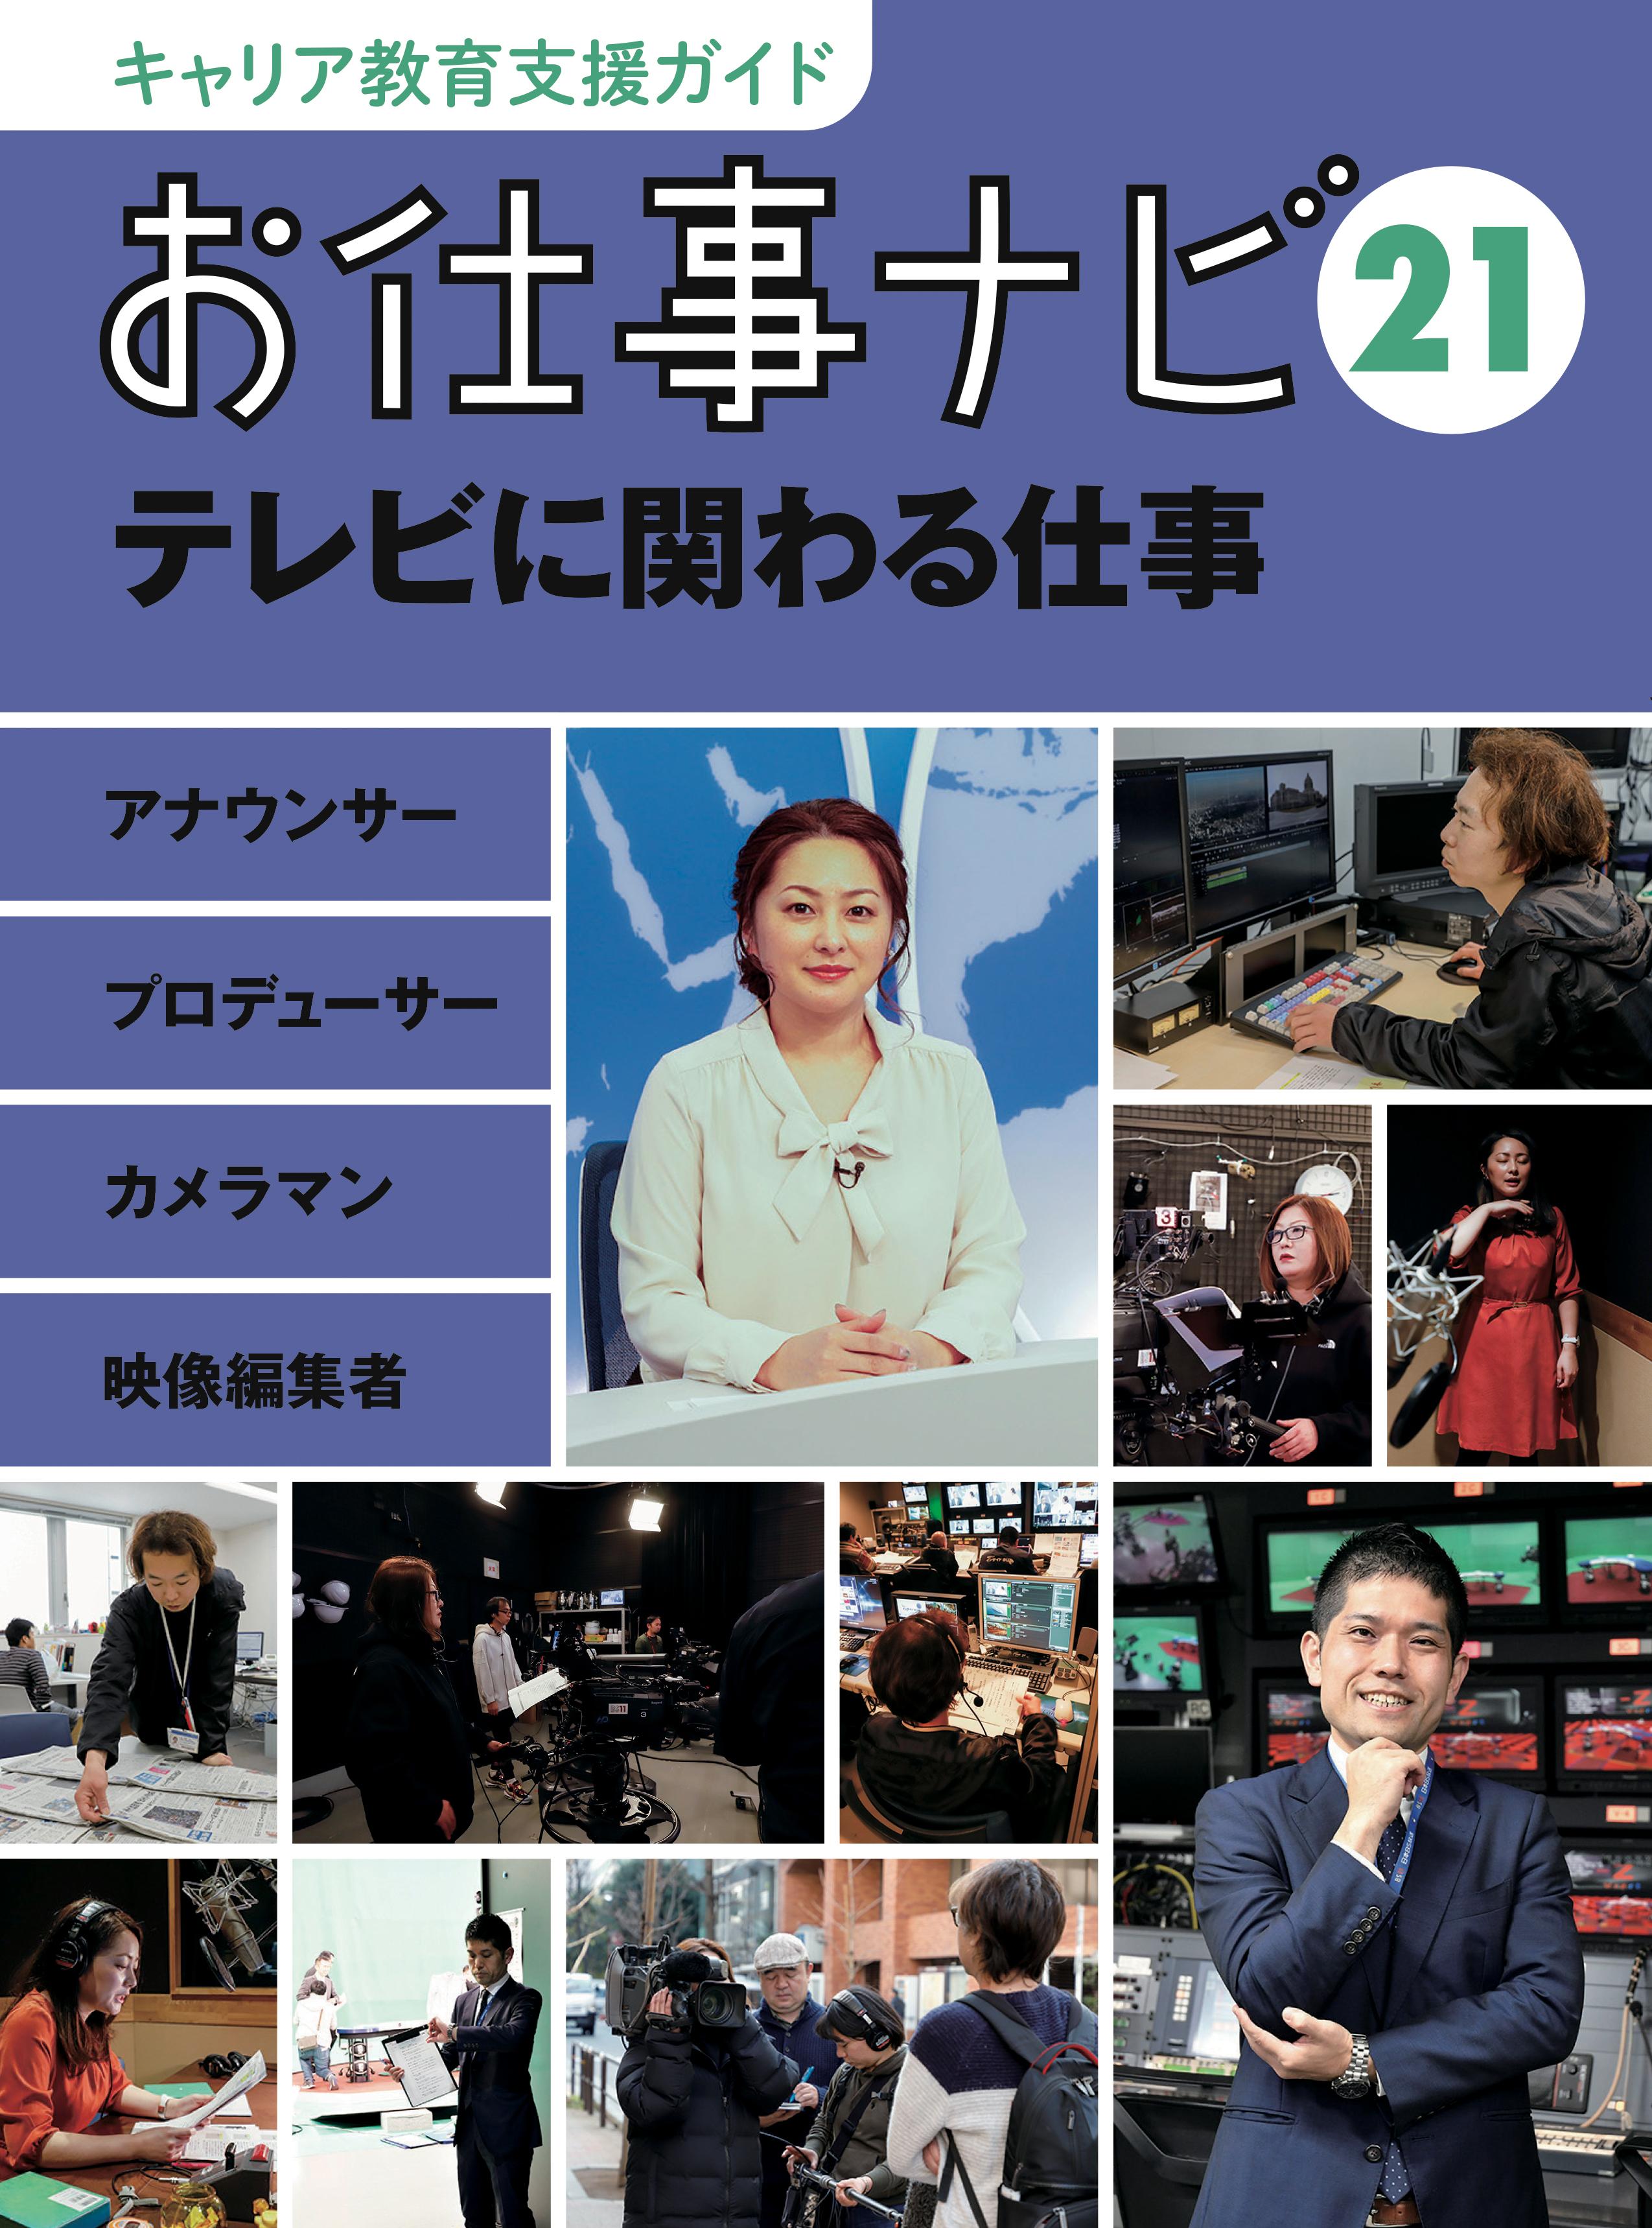 お仕事ナビ 21 テレビに関わる仕事